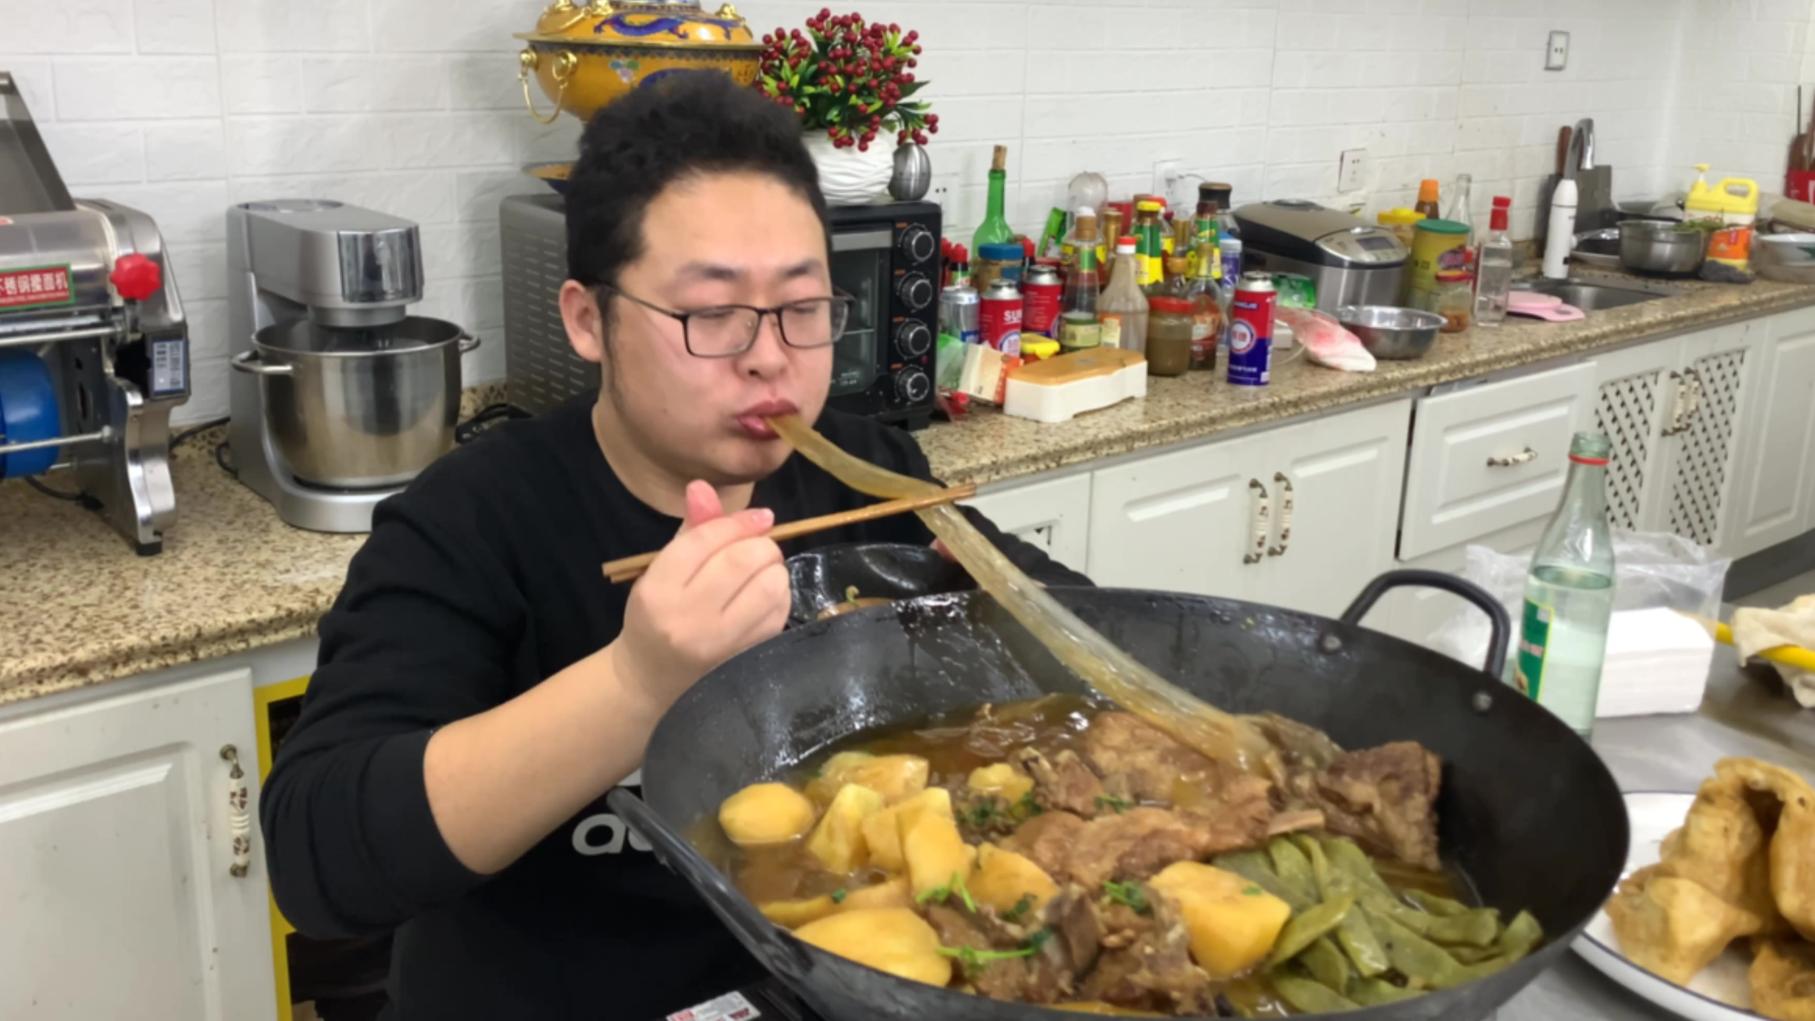 230买两块排骨,做铁锅炖排骨,守着锅吃才够味,吃过瘾了